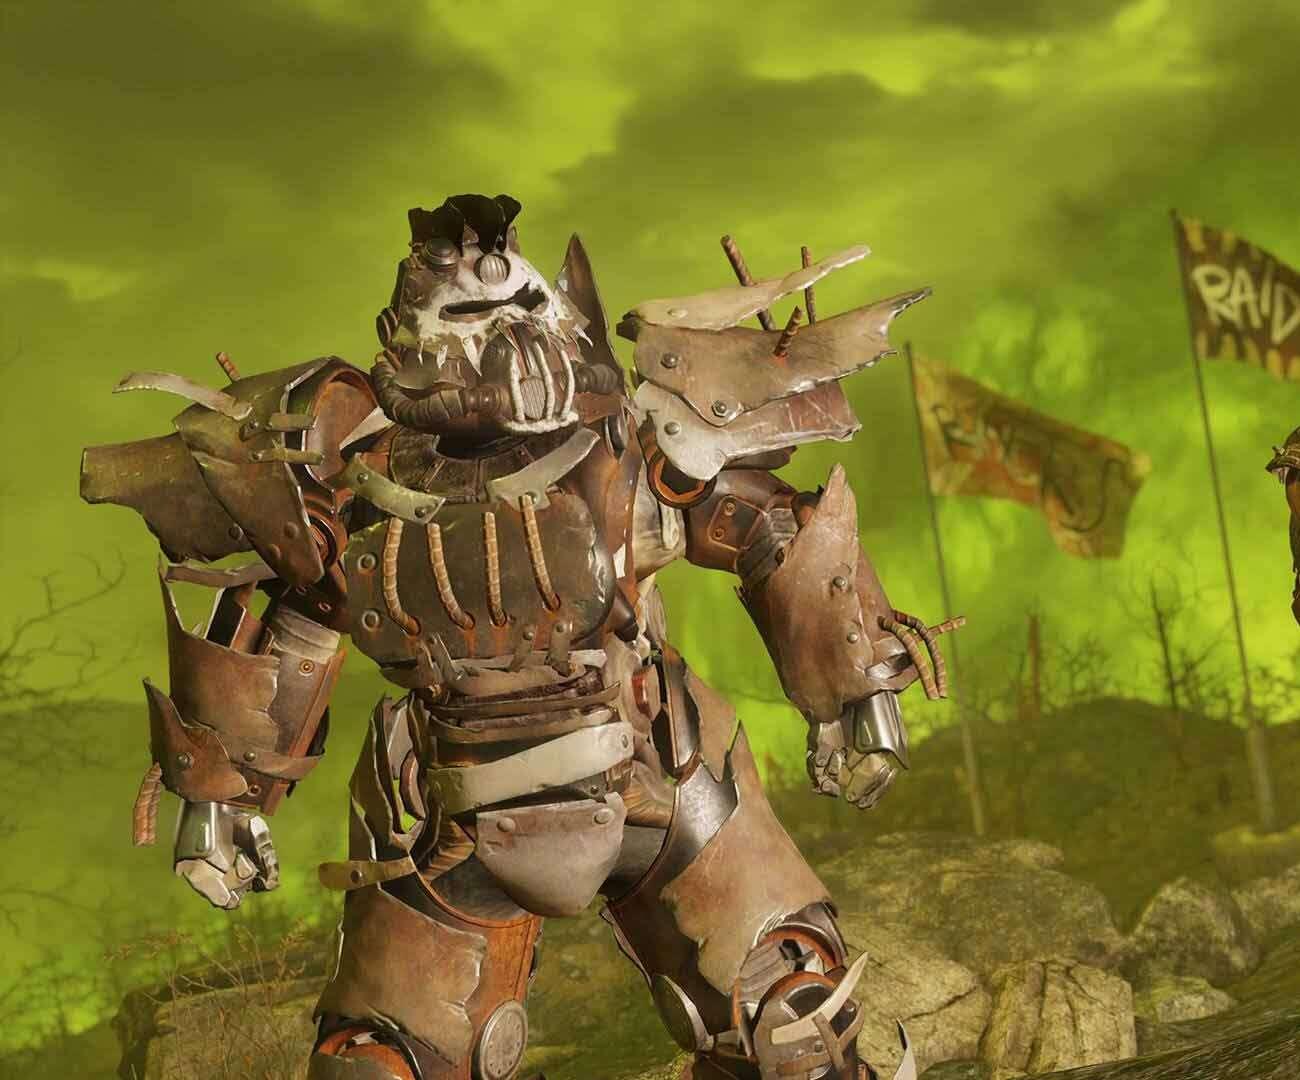 Todd Howard przyznaje, że Fallout 76 zawiódł, ale Bethesda odkryła coś niesamowitego